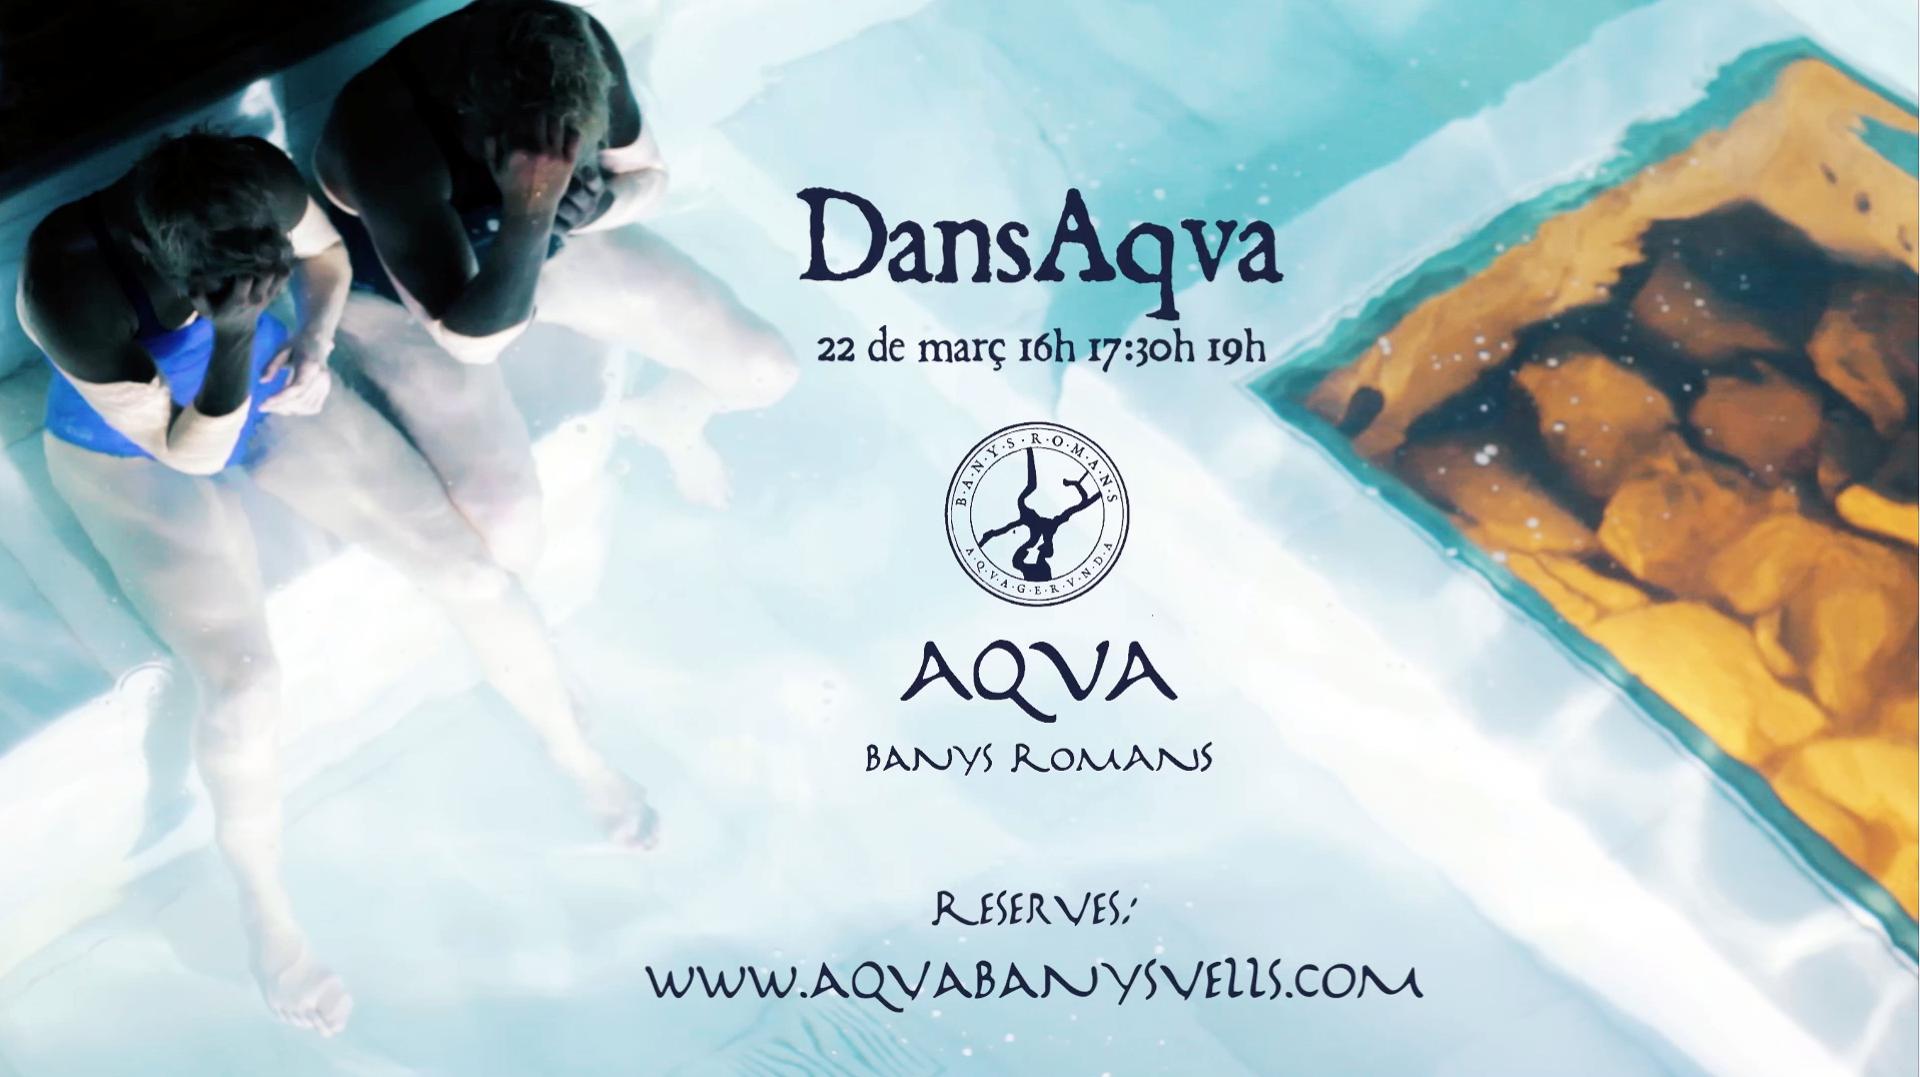 DansAqva - Sesión 17h30